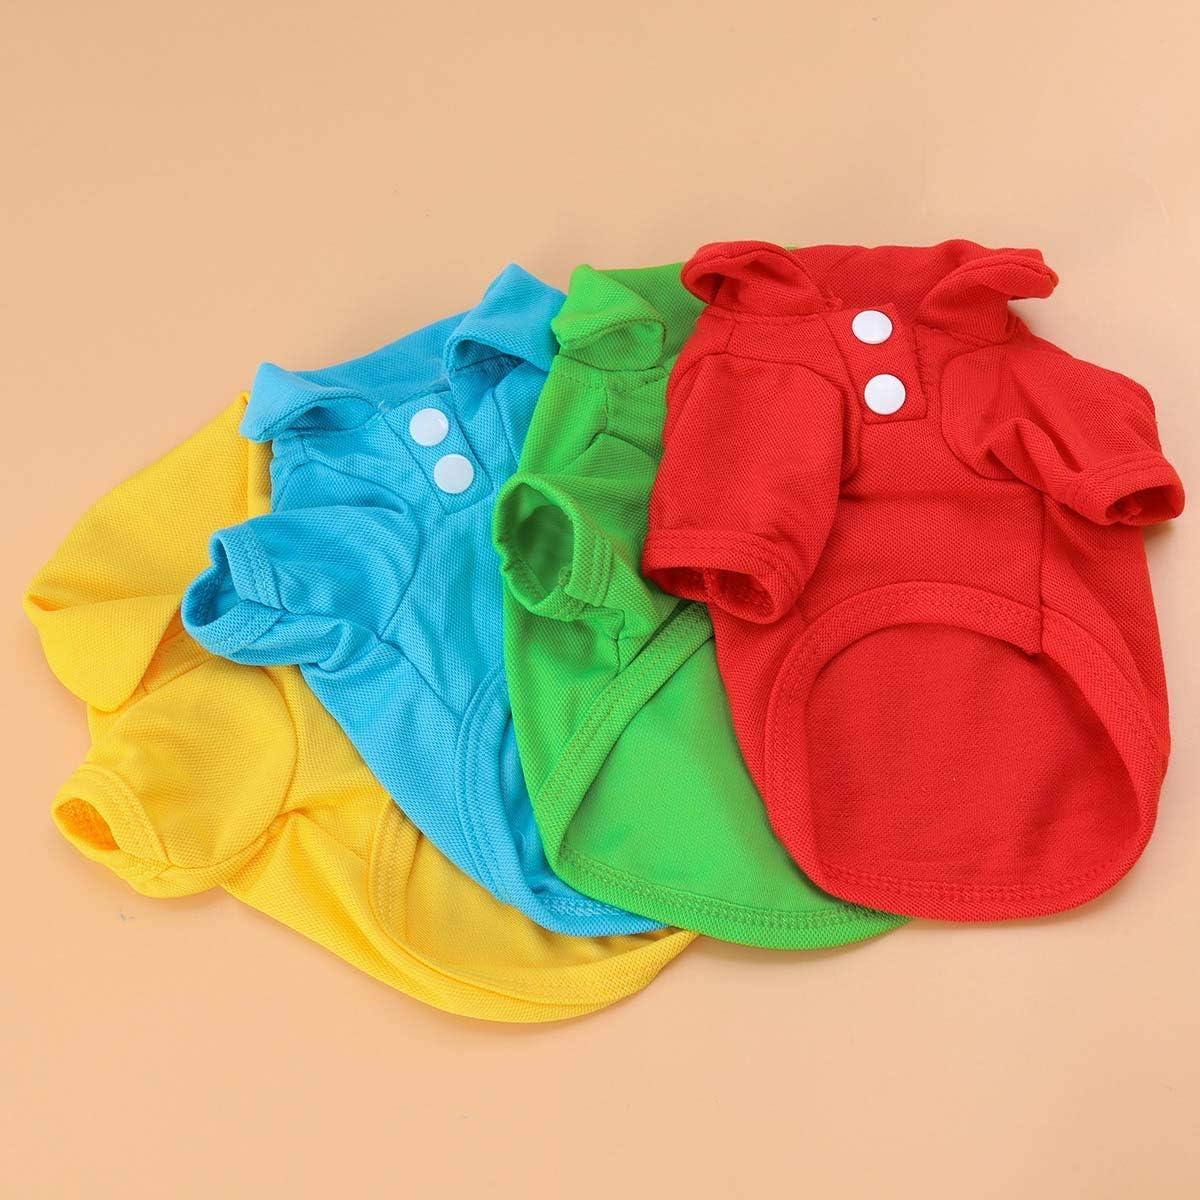 POPETPOP Ropa de Polo de Camiseta de Algod/ón Colores de Verano para Mascotas Gatos Perros Peque/ños Mediano Grande 4pcs Talla S Rojo Azul Amarillo Verde